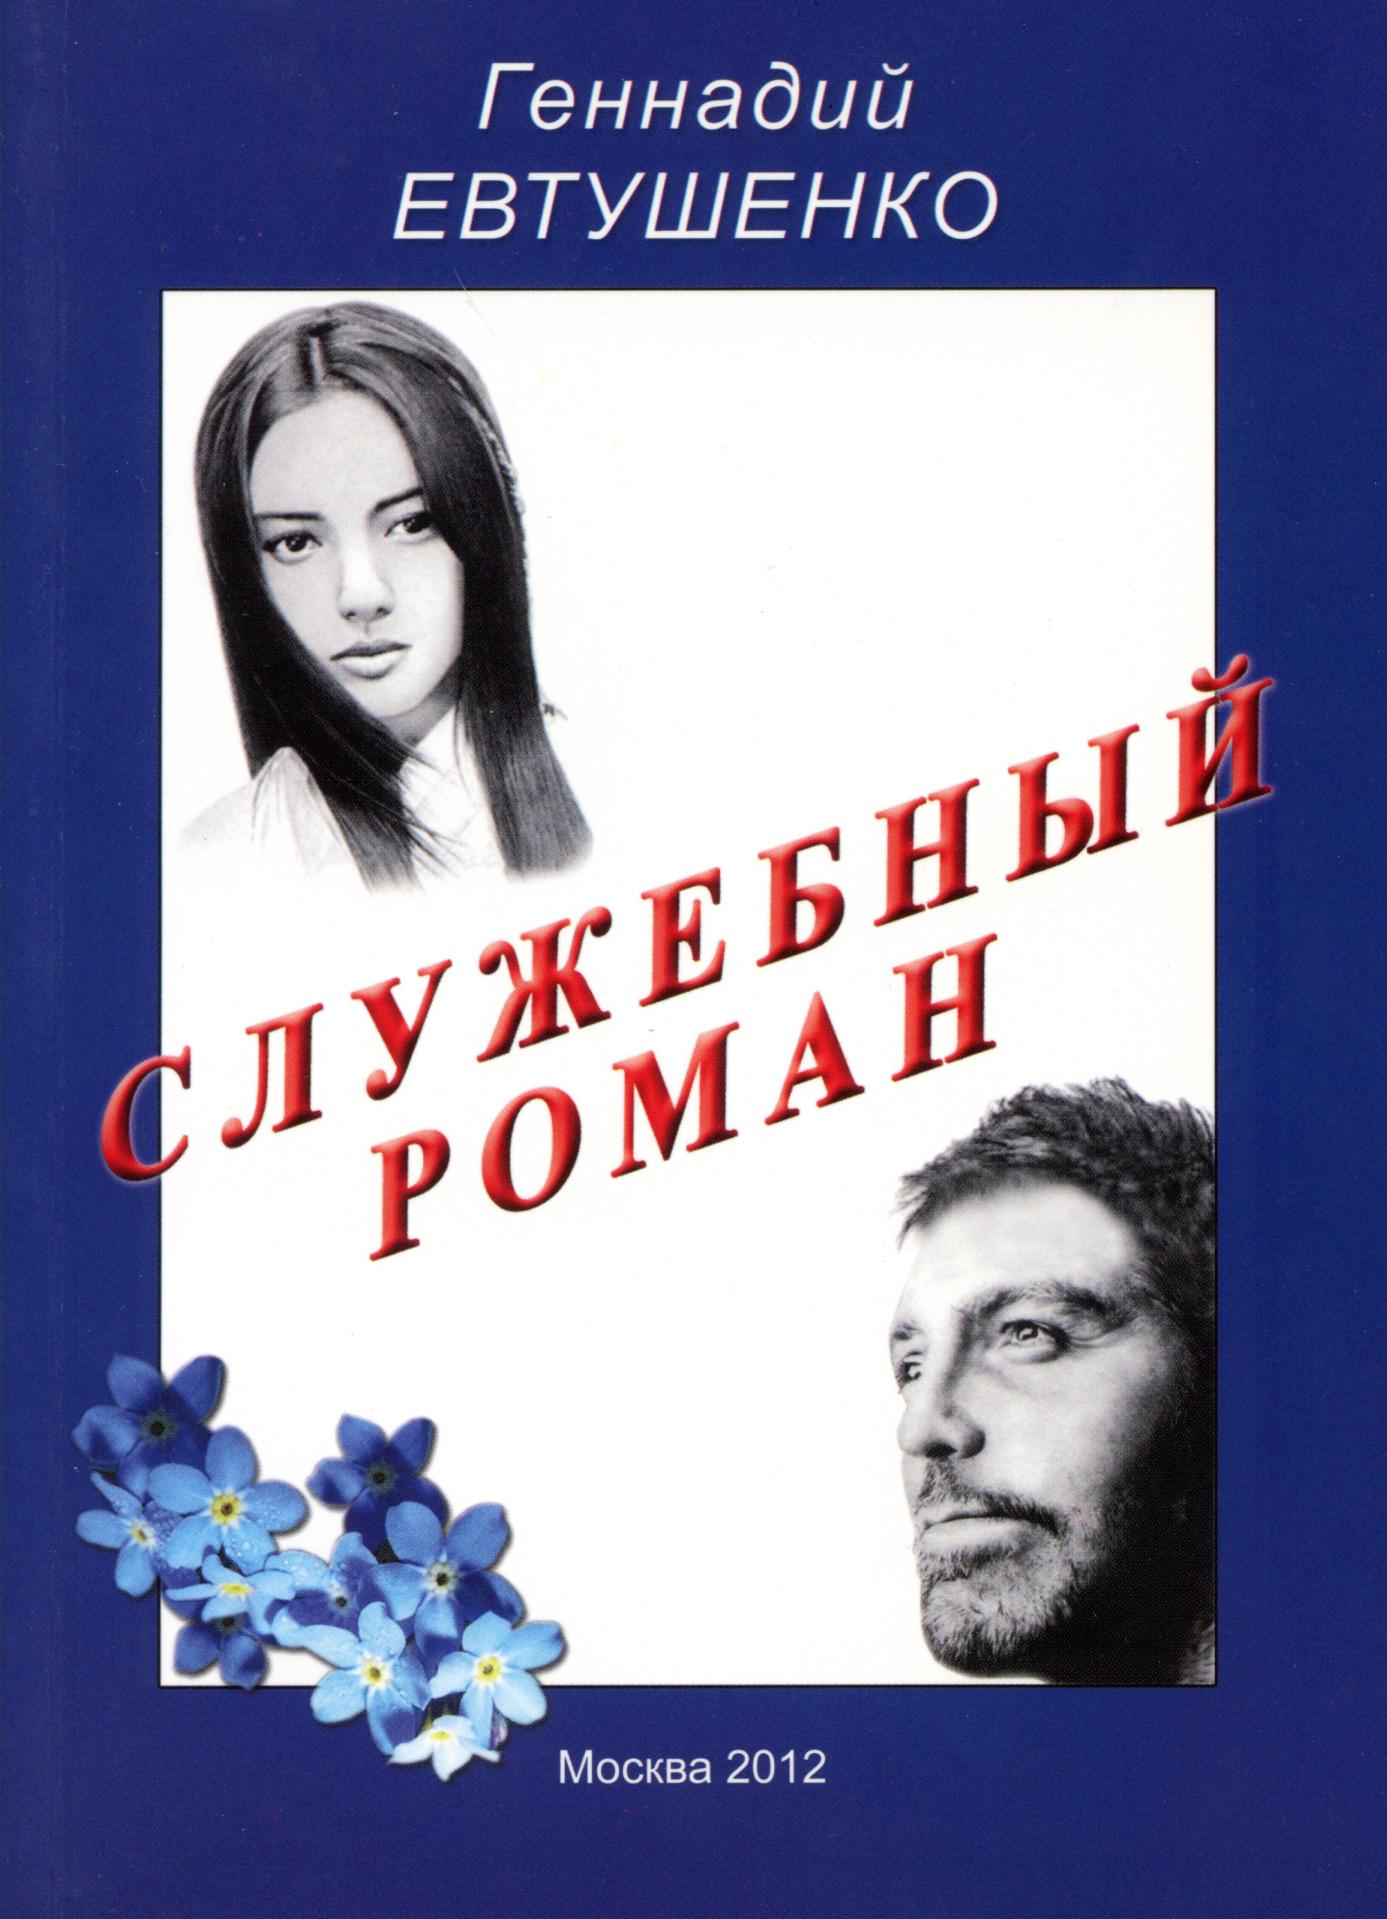 Геннадий Евтушенко Служебный роман скейты quicksilver отзывы